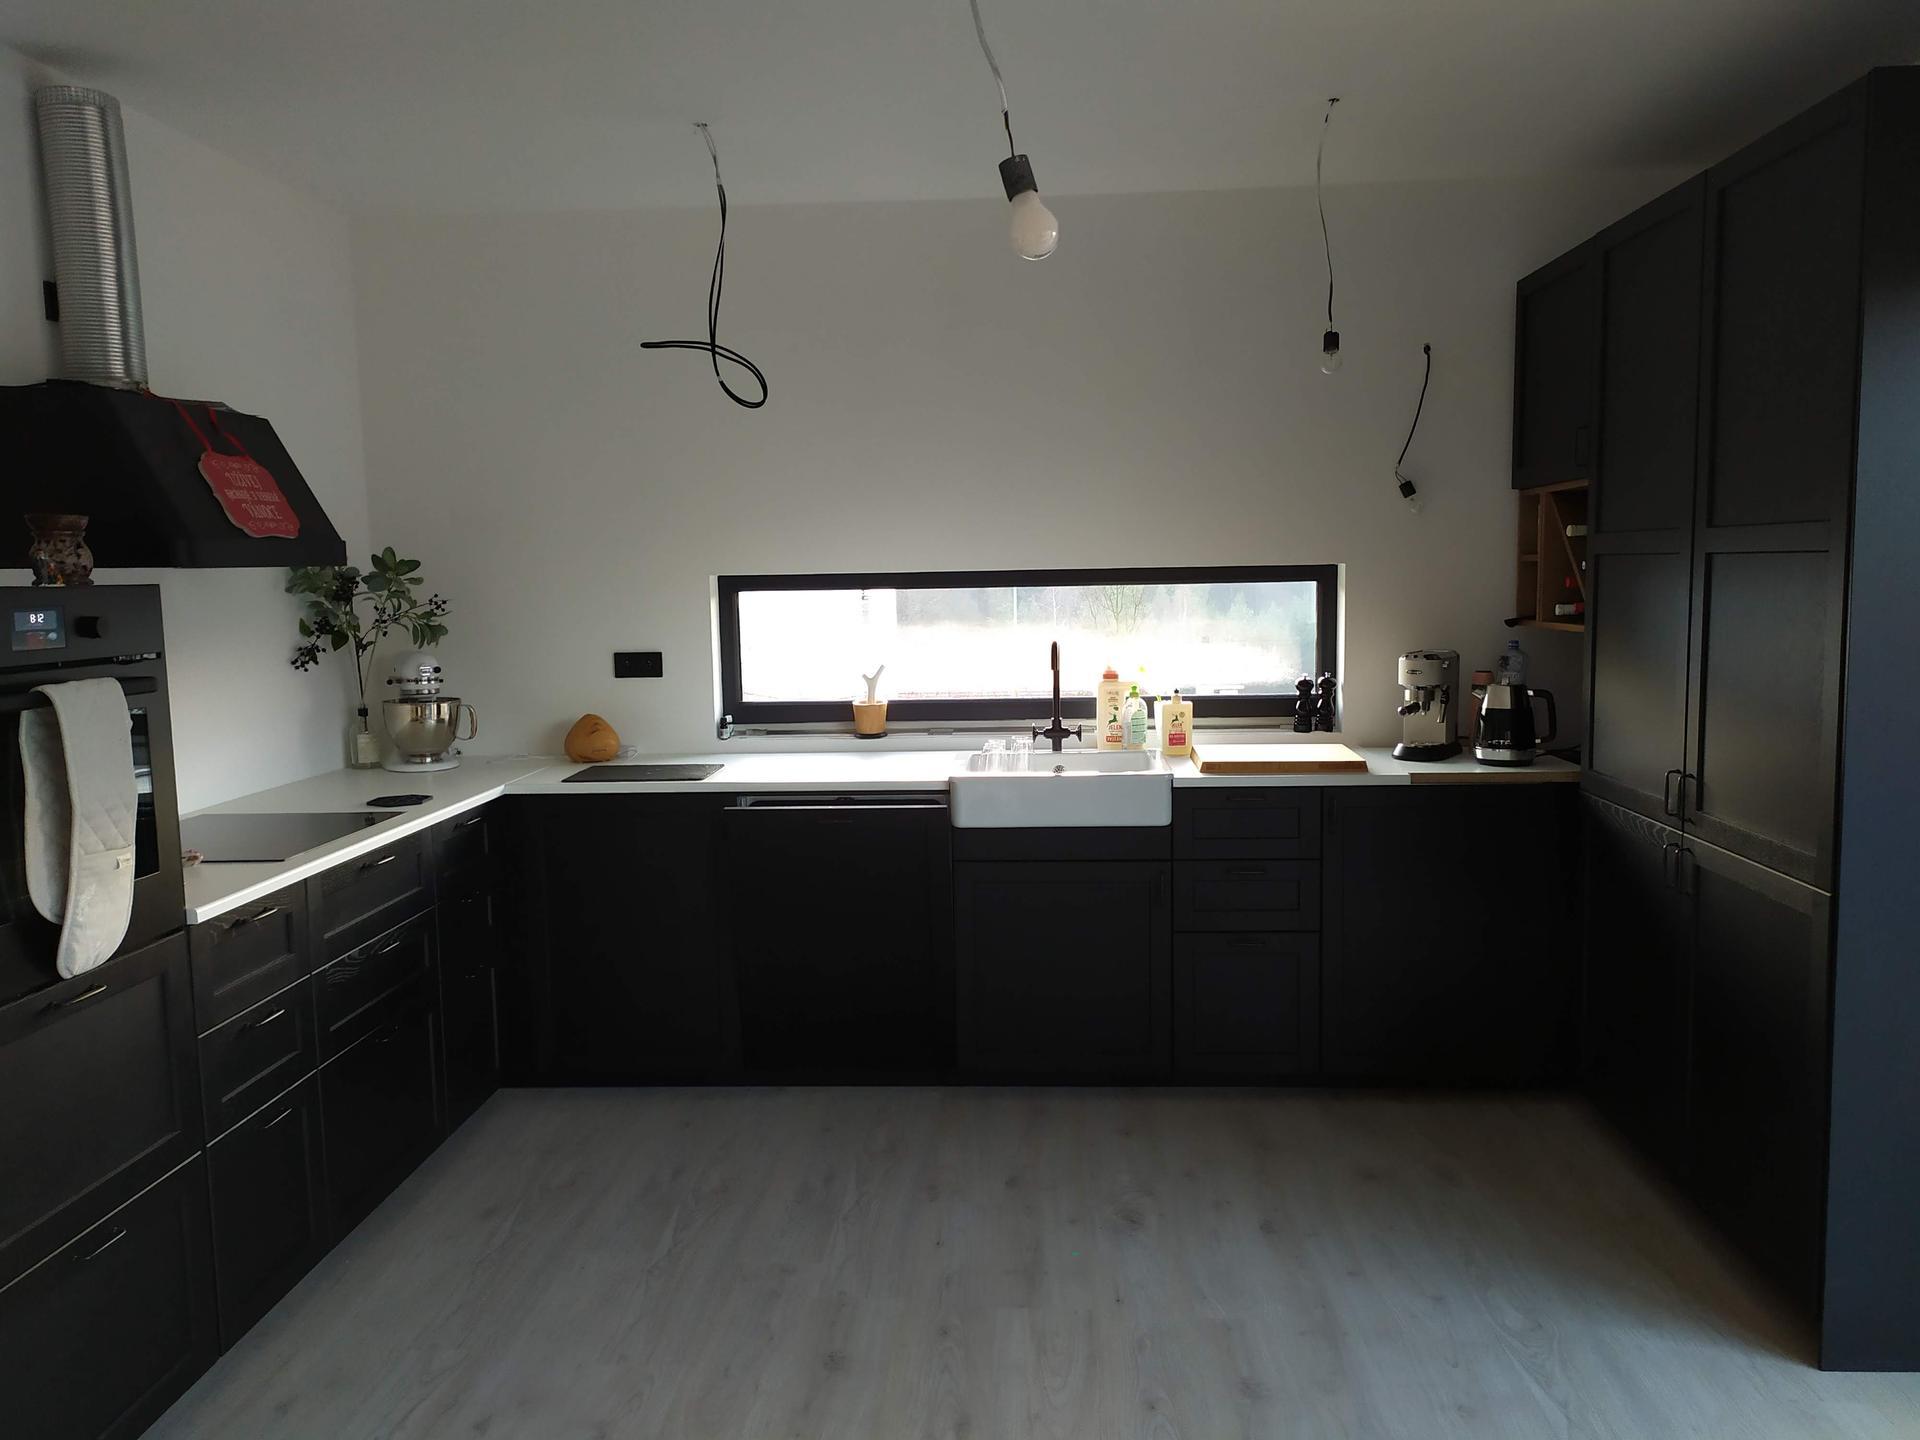 Náš domov ve svahu - Kuchyně po smotnování - zatím s prozatimní deskou, čekáme na desku na míru